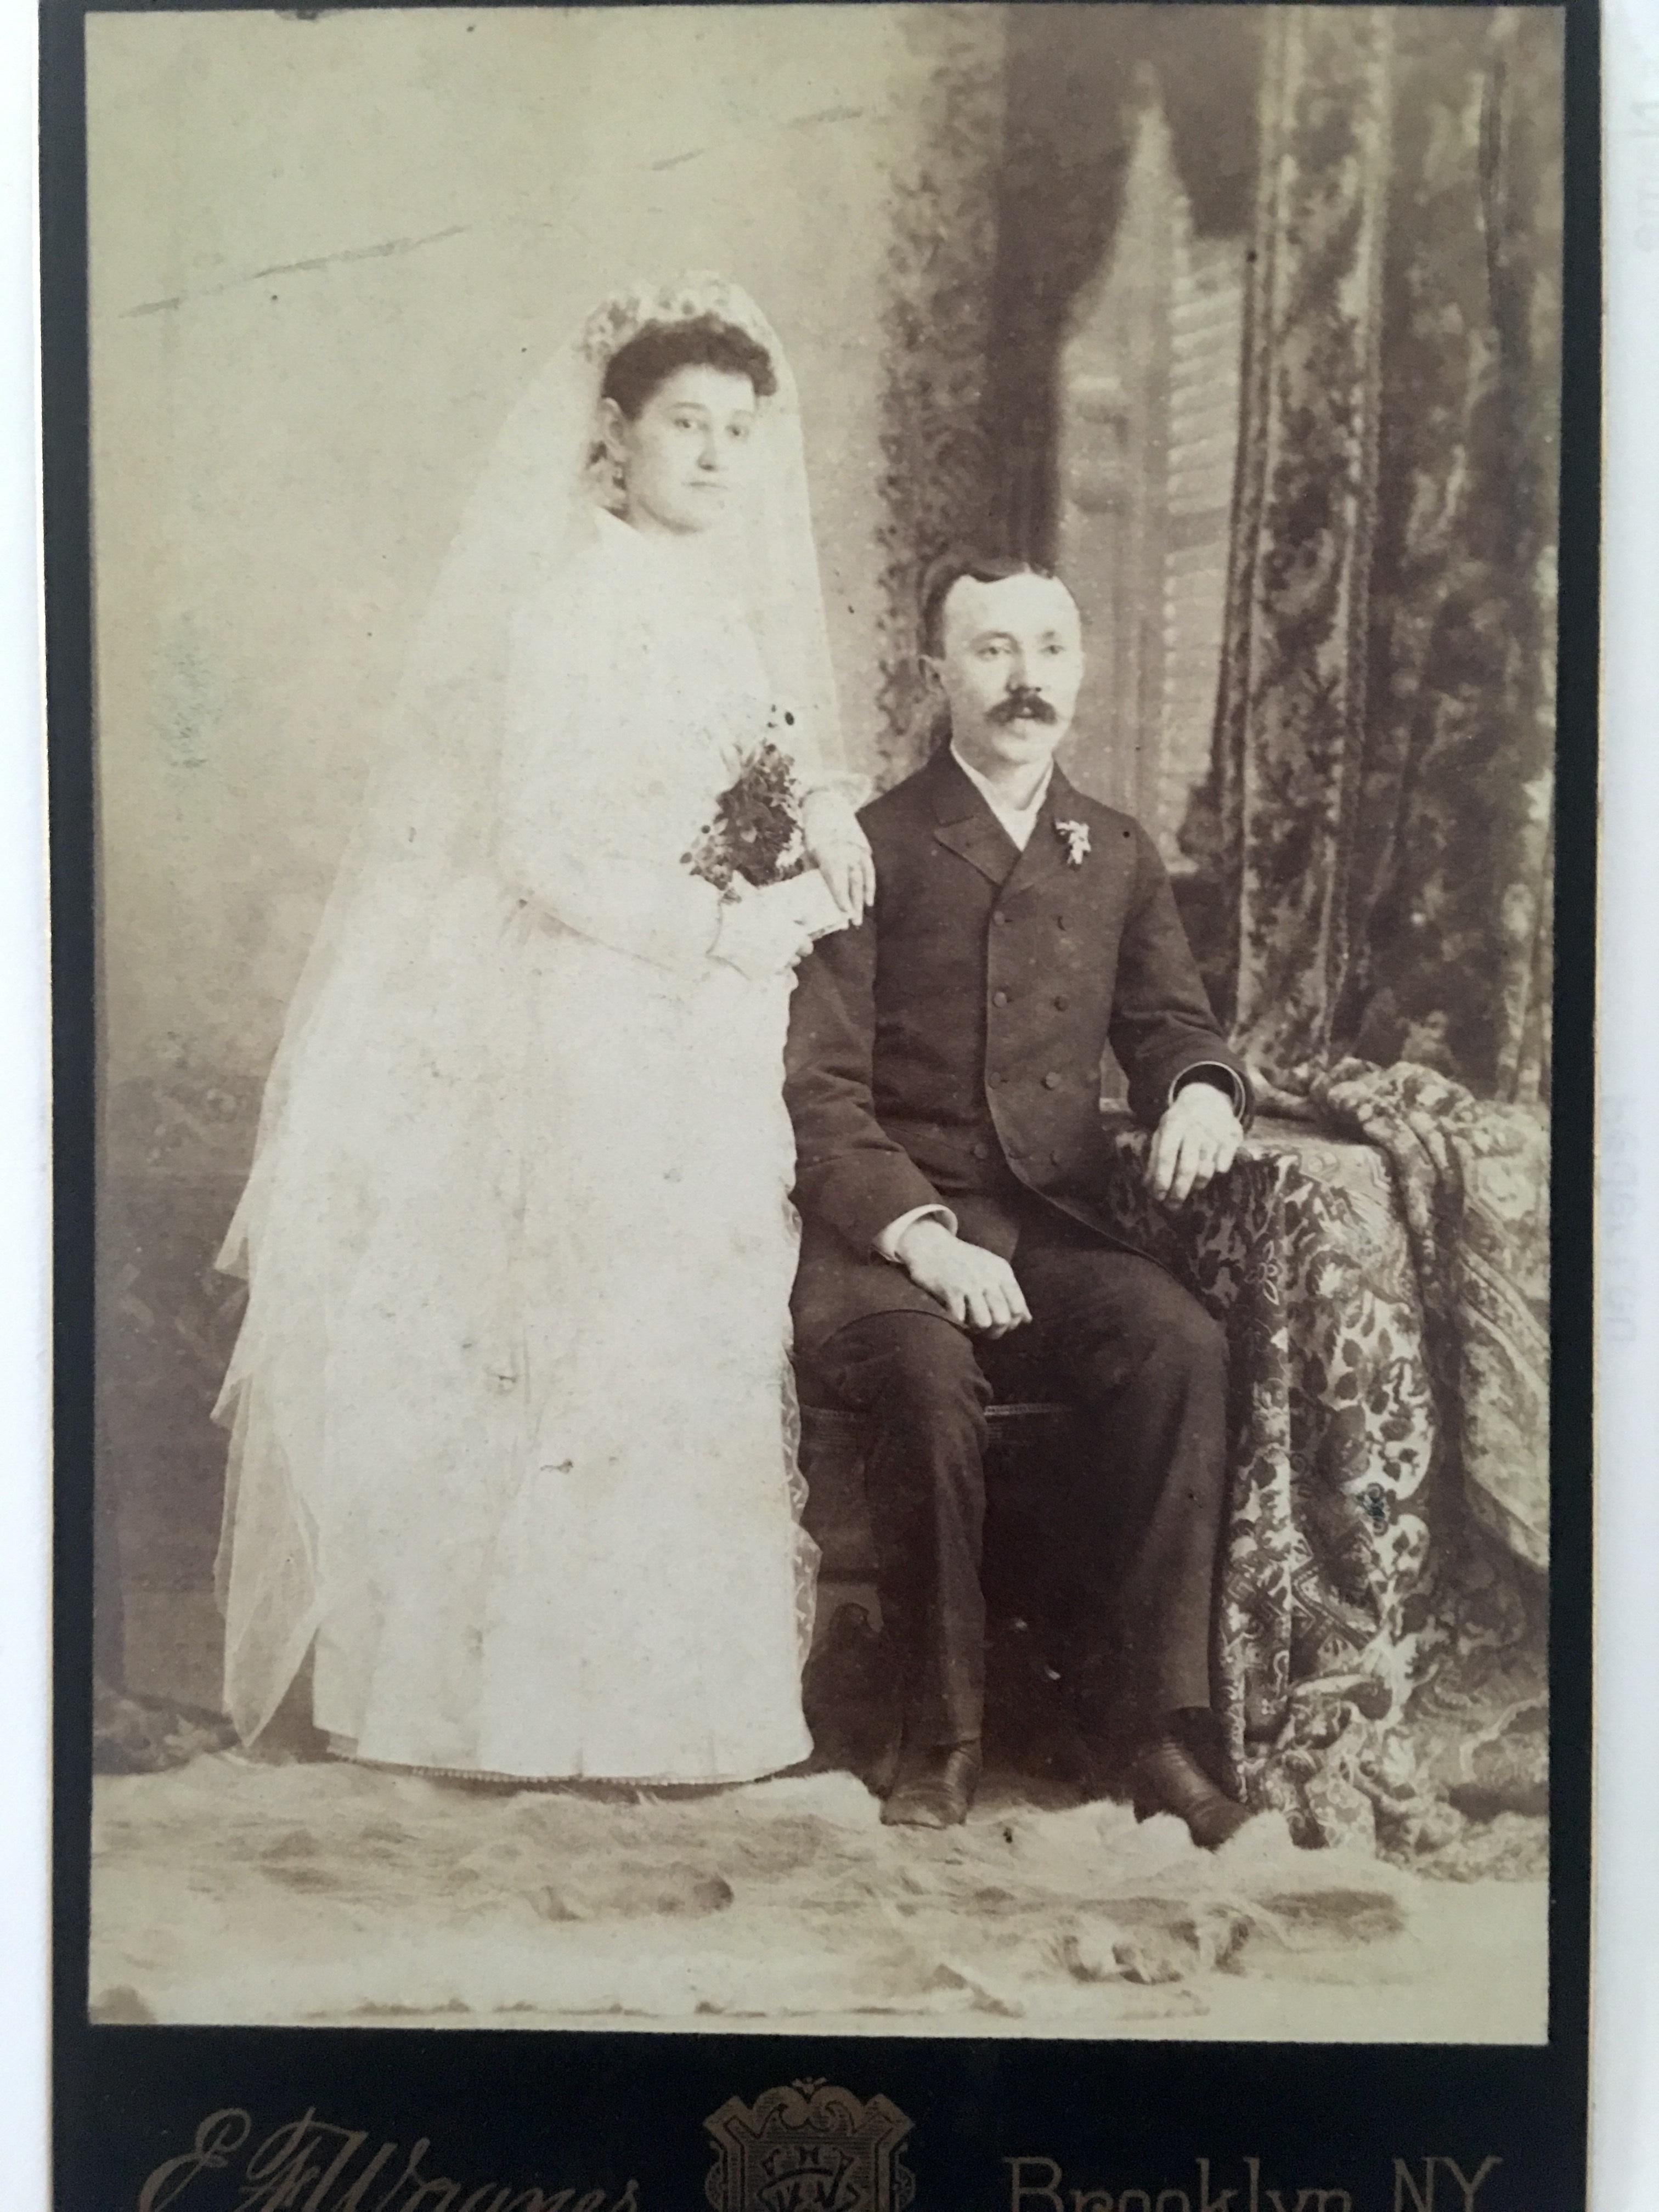 Maurer_Katherine_Stephen_ScheffeL_wedding_from BRozier